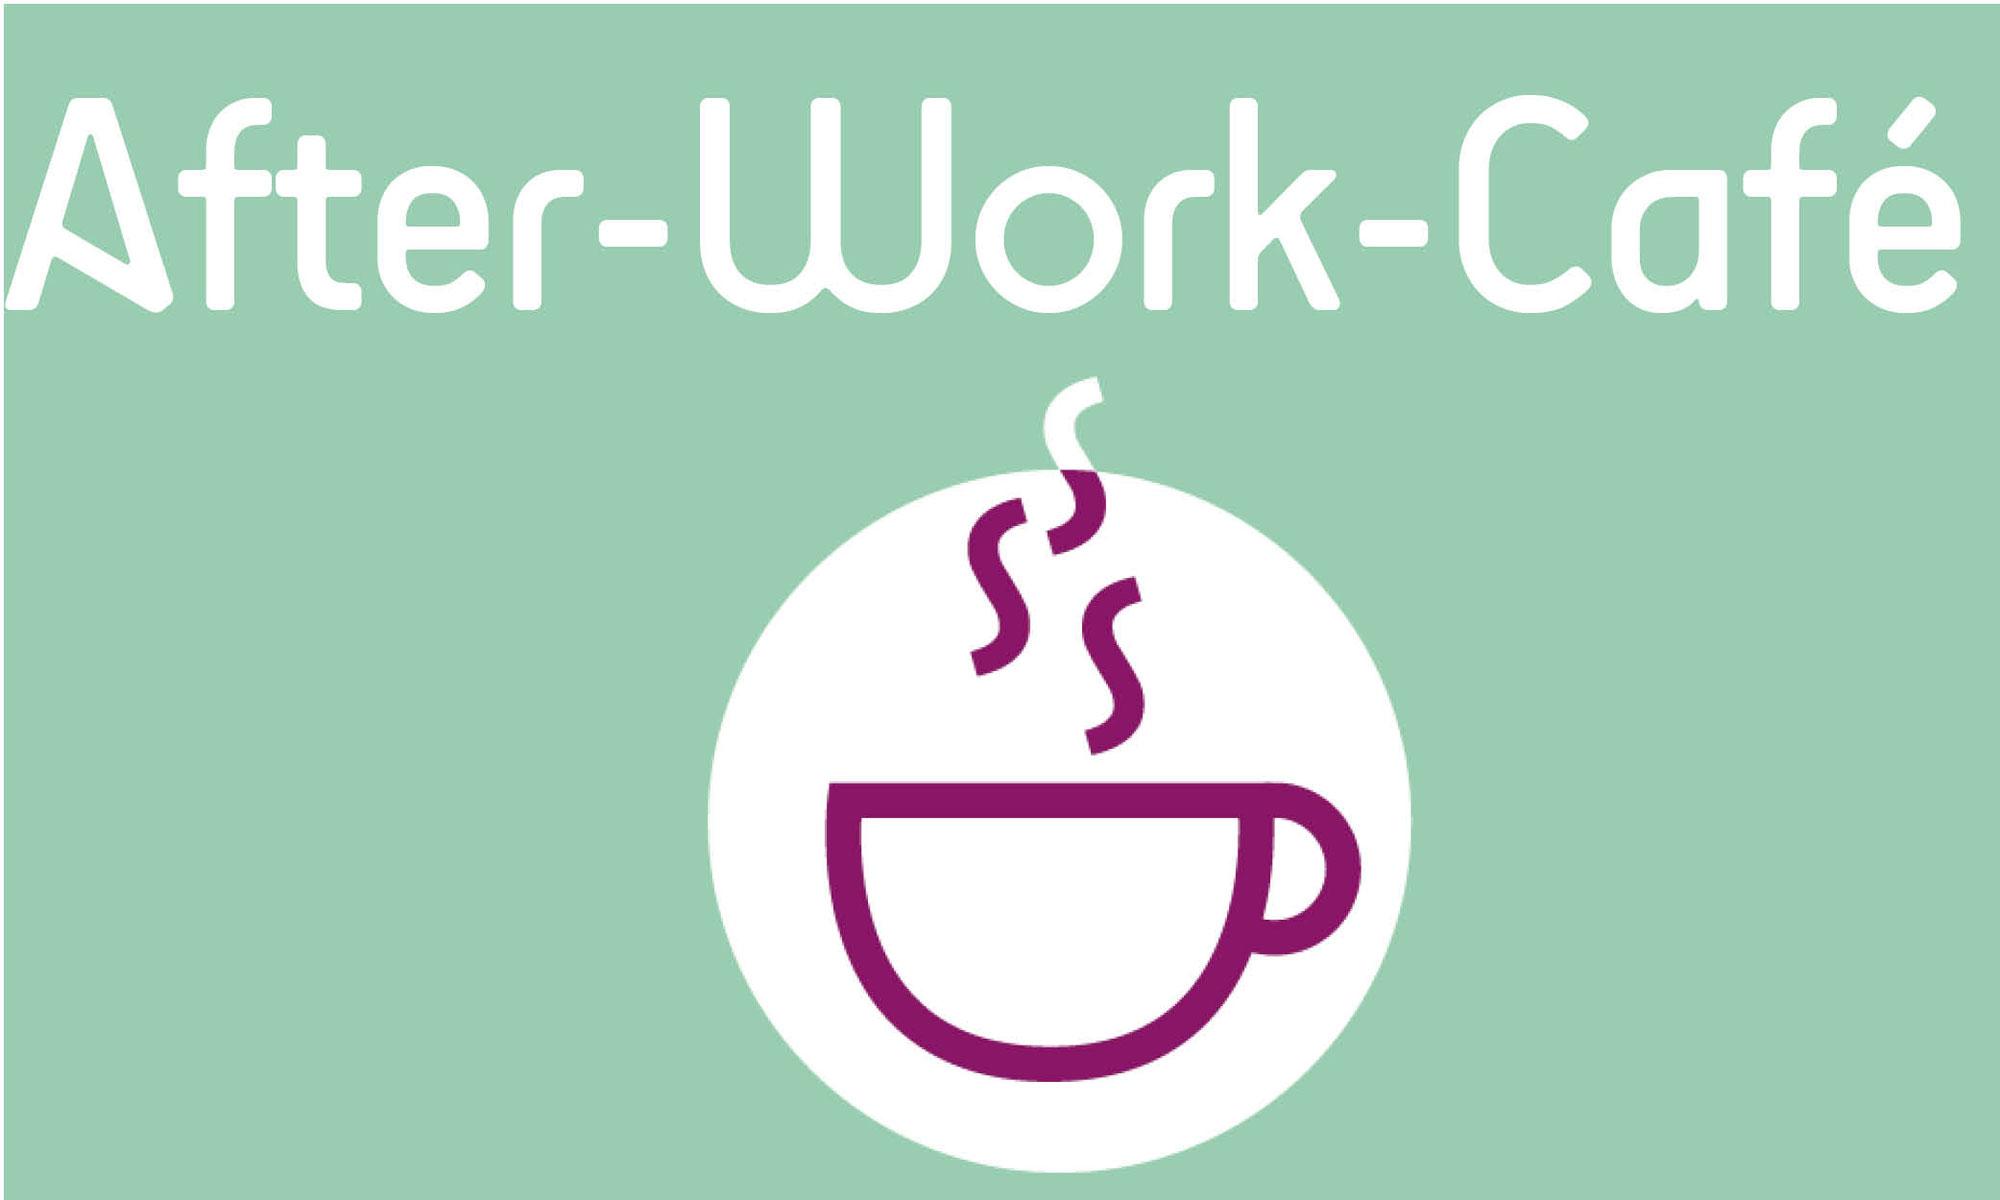 After-Work-Café für Unternehmerinnen und Gründerinnen